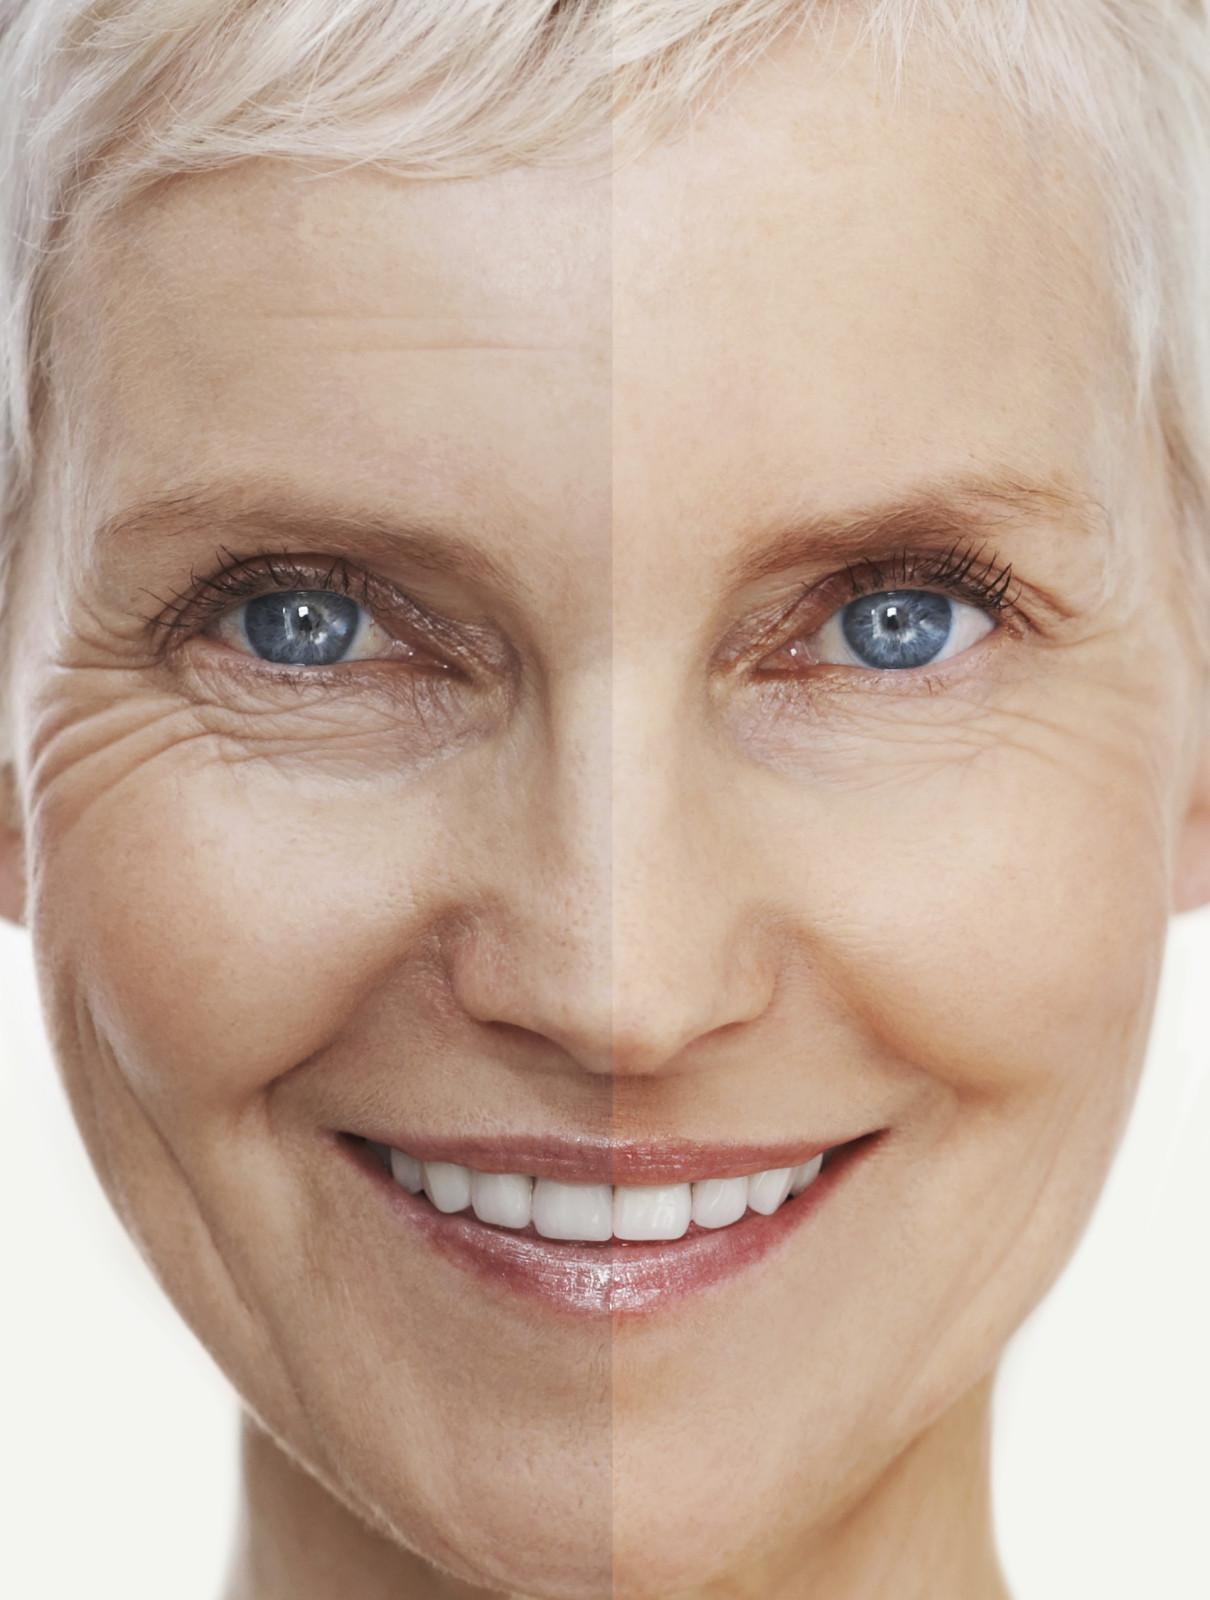 Conceptual portrait of a beautiful senior woman's face